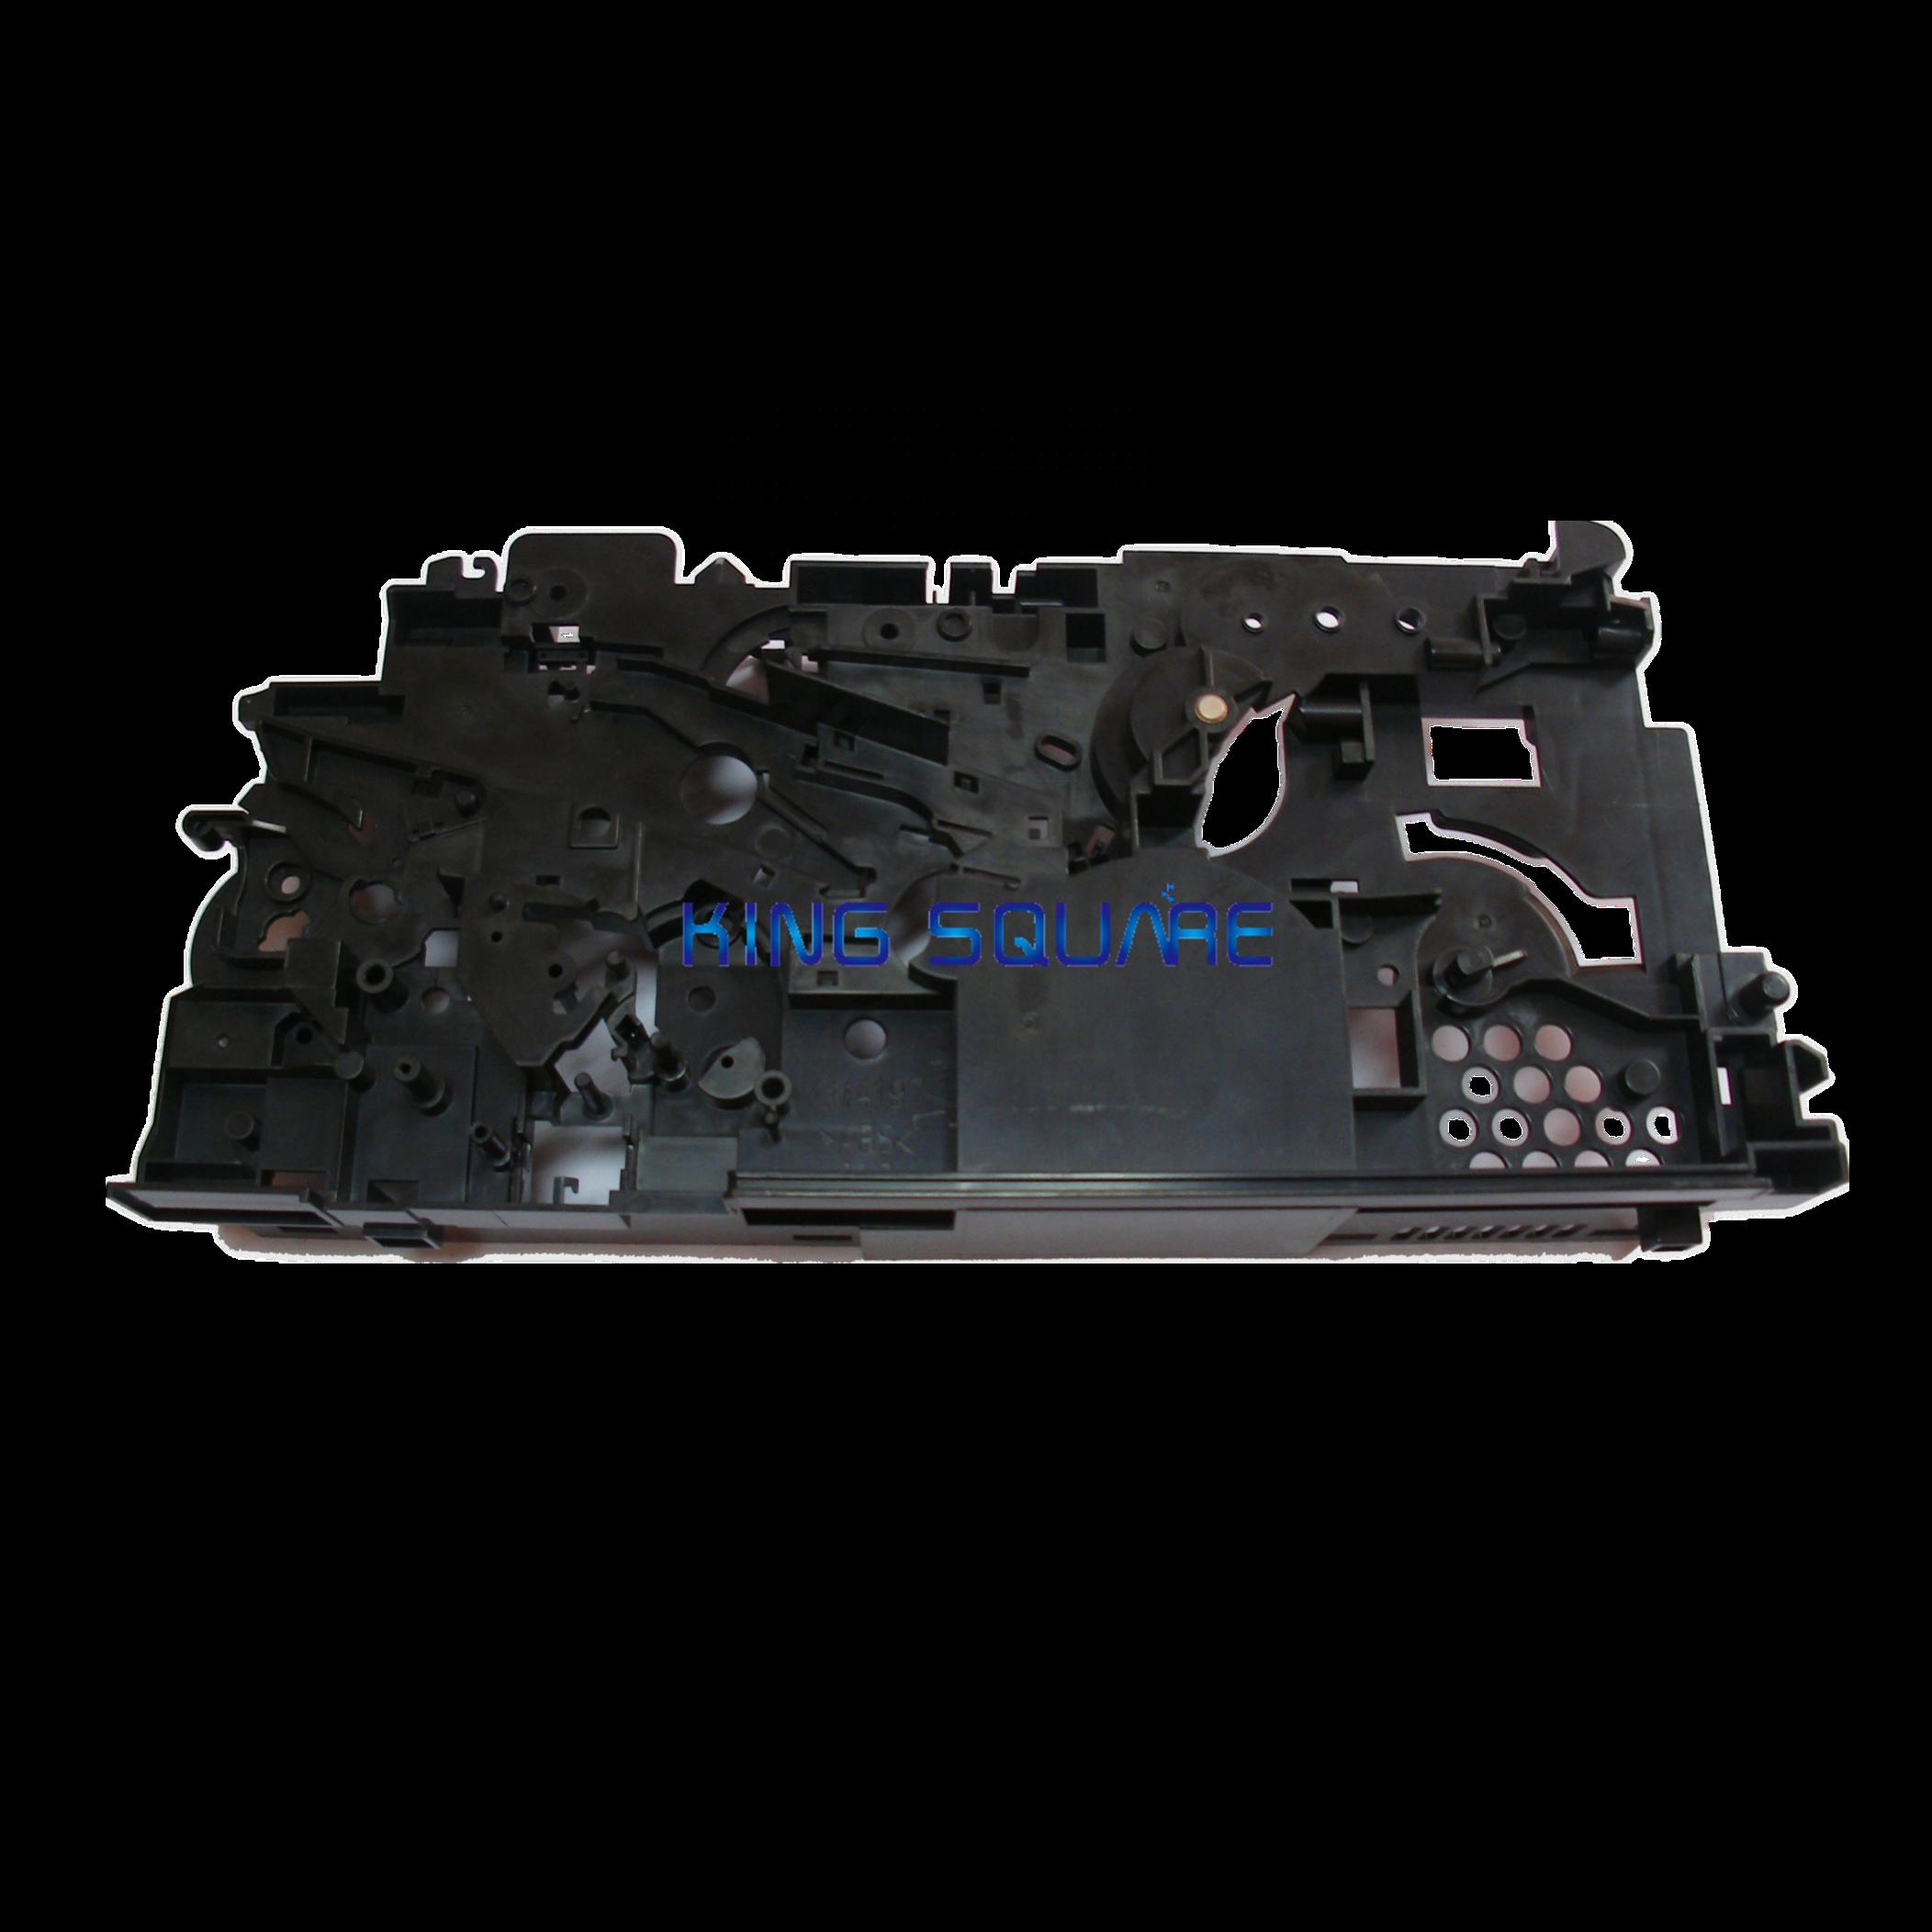 Лучшая цена, изготовление формовок под давлением по индивидуальному заказу, пластиковые пресс-формы, литьевые инструменты, производитель, услуги по изготовлению пластиковых формованных деталей